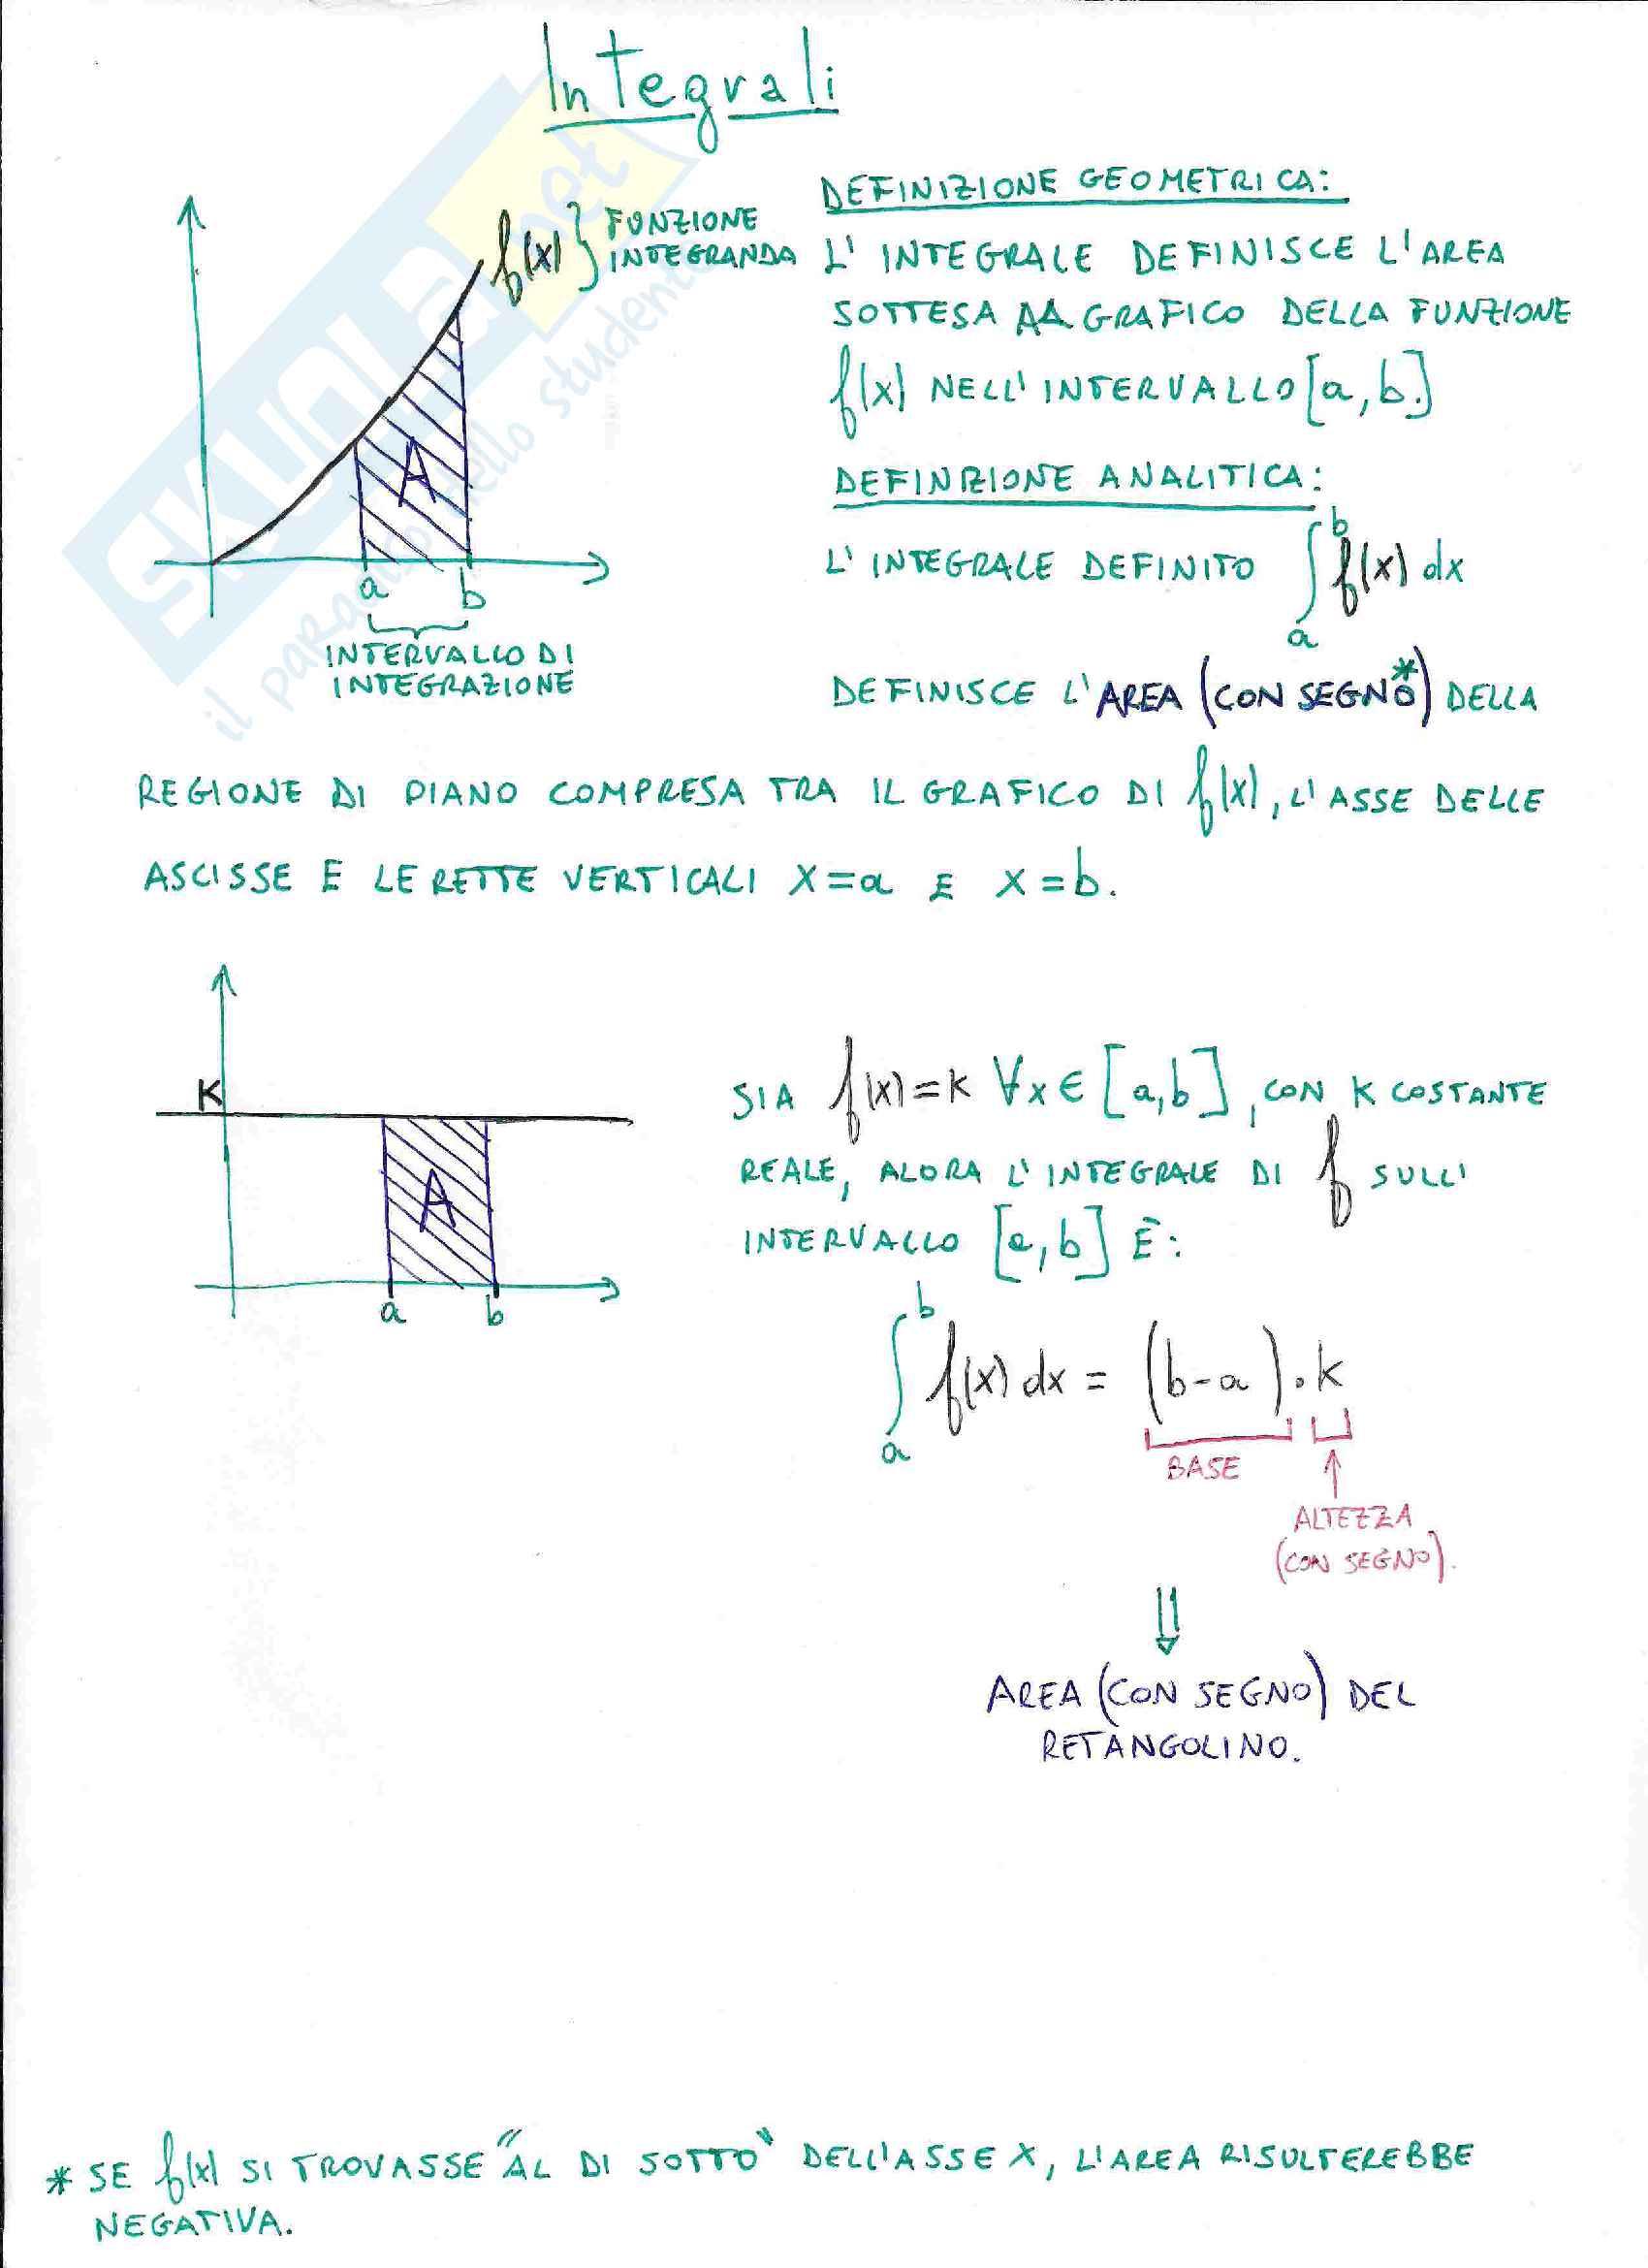 Integrali (completo) - Definizione, definiti, indefiniti, propri, impropri, area, volume